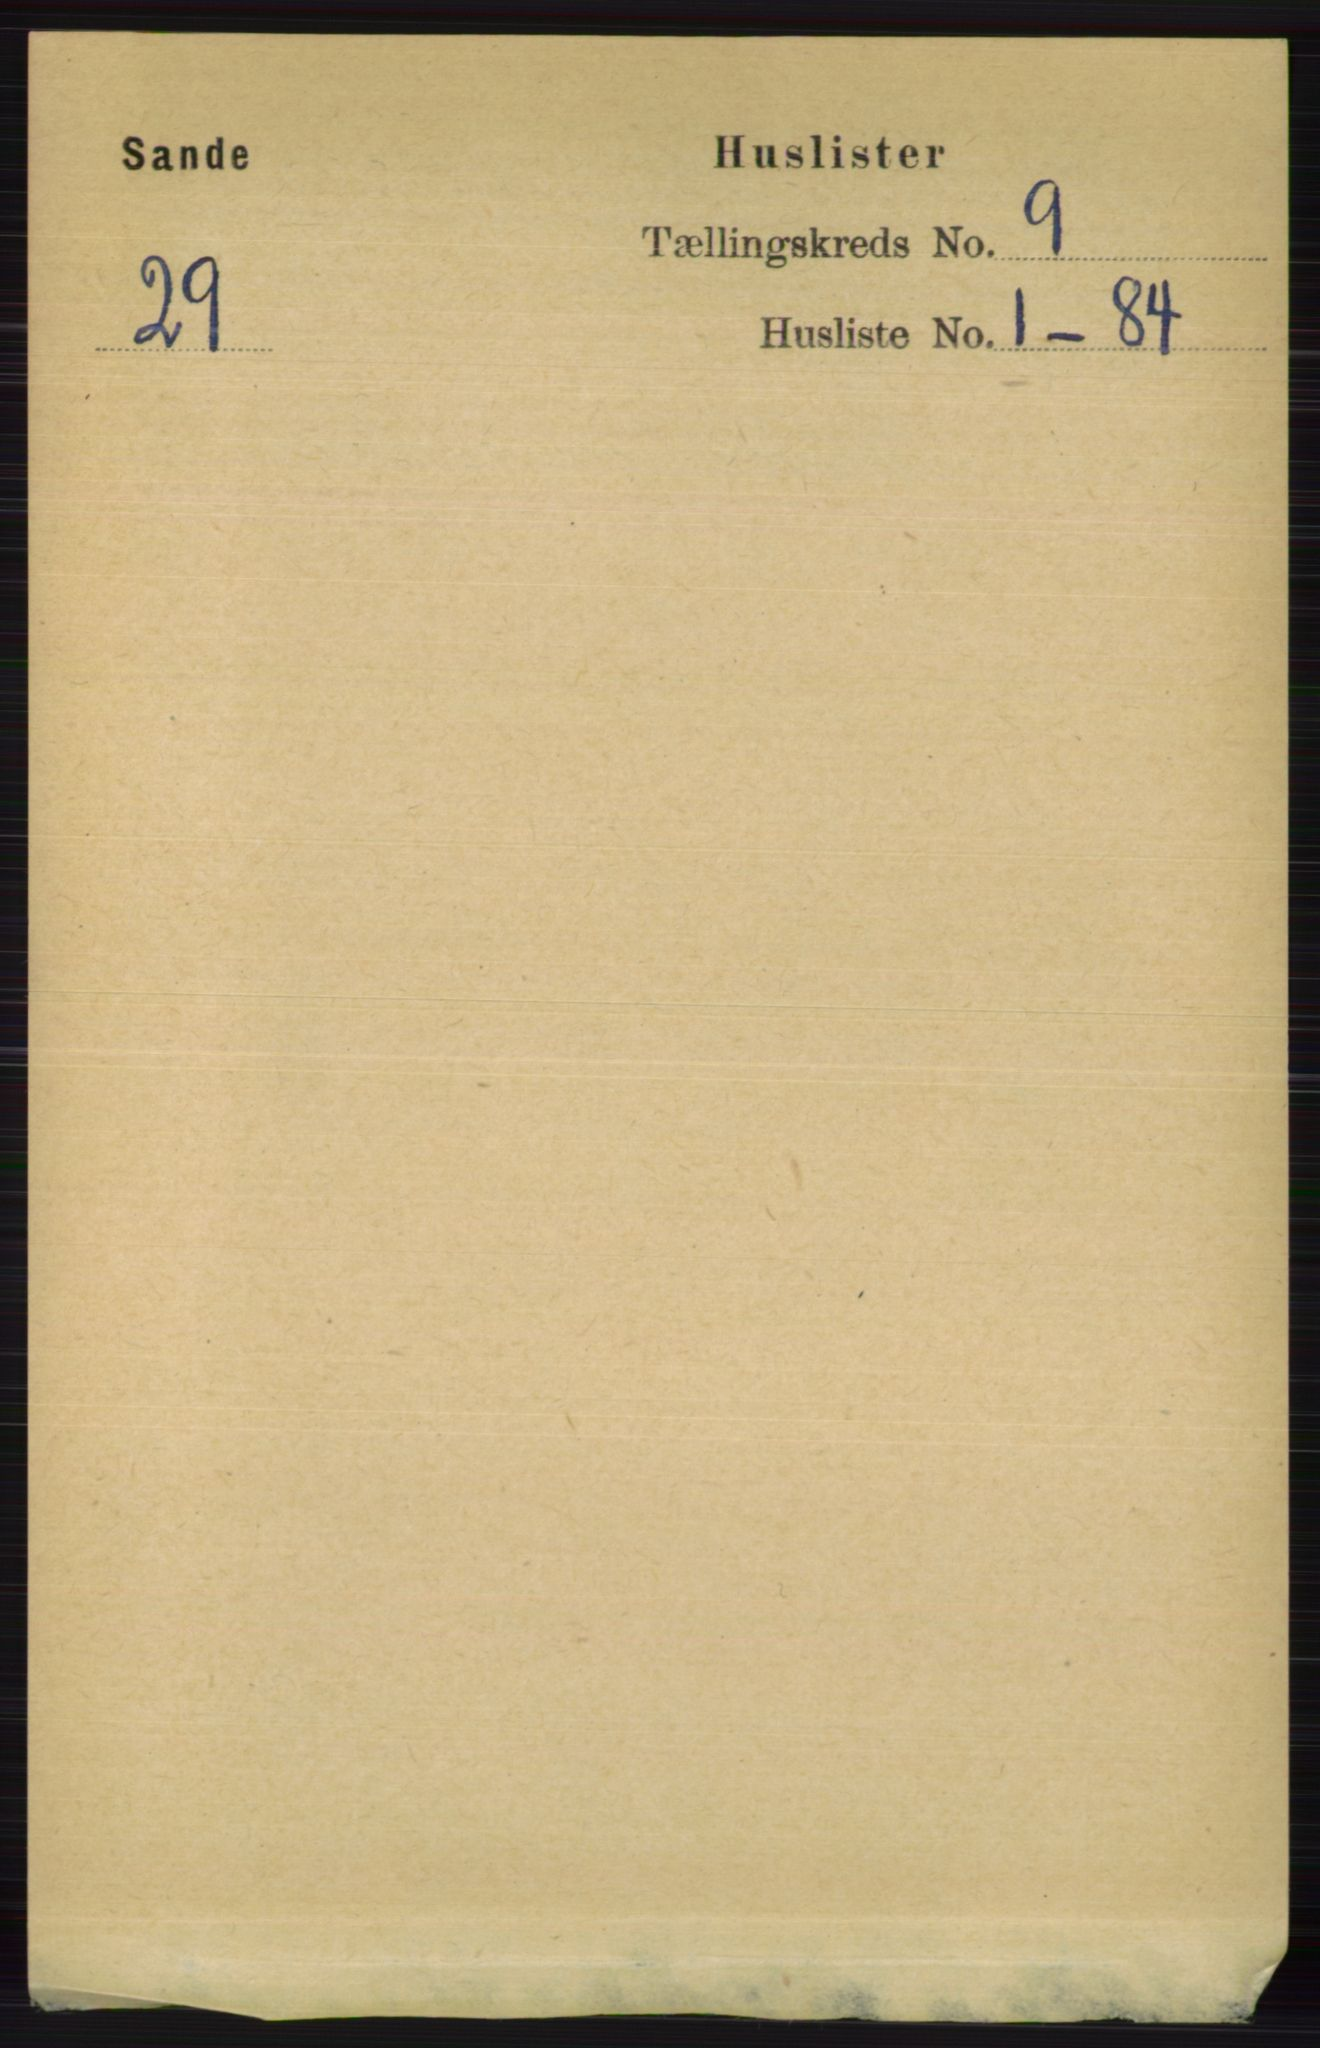 RA, Folketelling 1891 for 0713 Sande herred, 1891, s. 3844